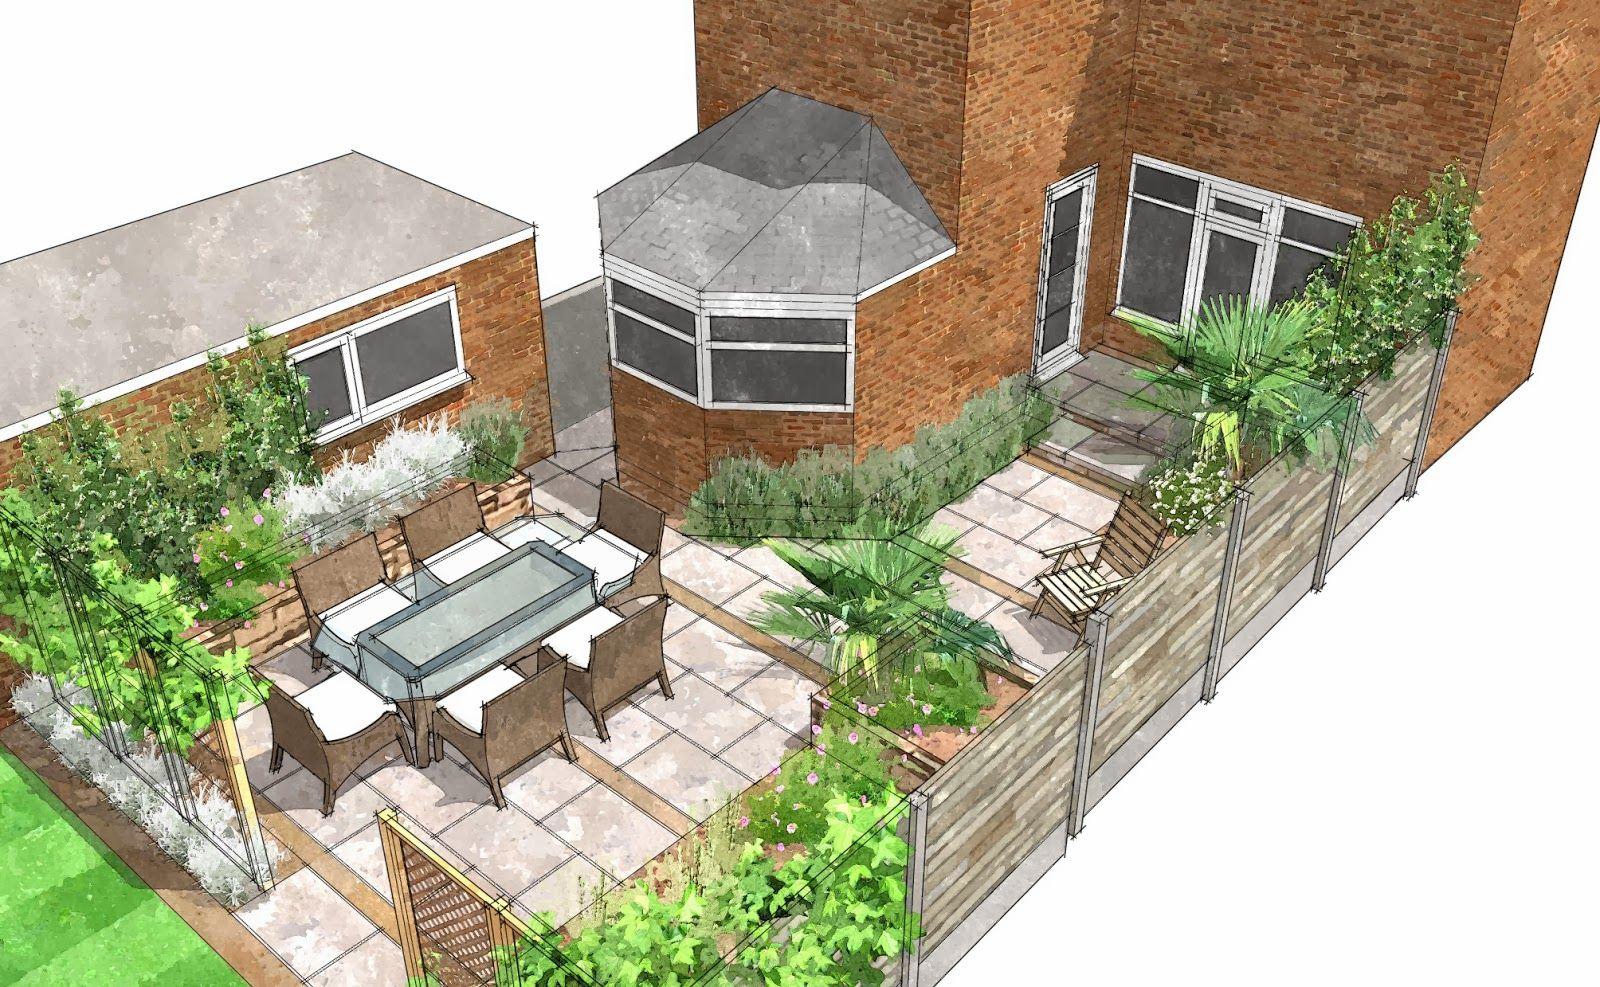 Merveilleux Sketchup 3D Garden Design | Computer Aided Garden And Landscape Designs |  Pinterest